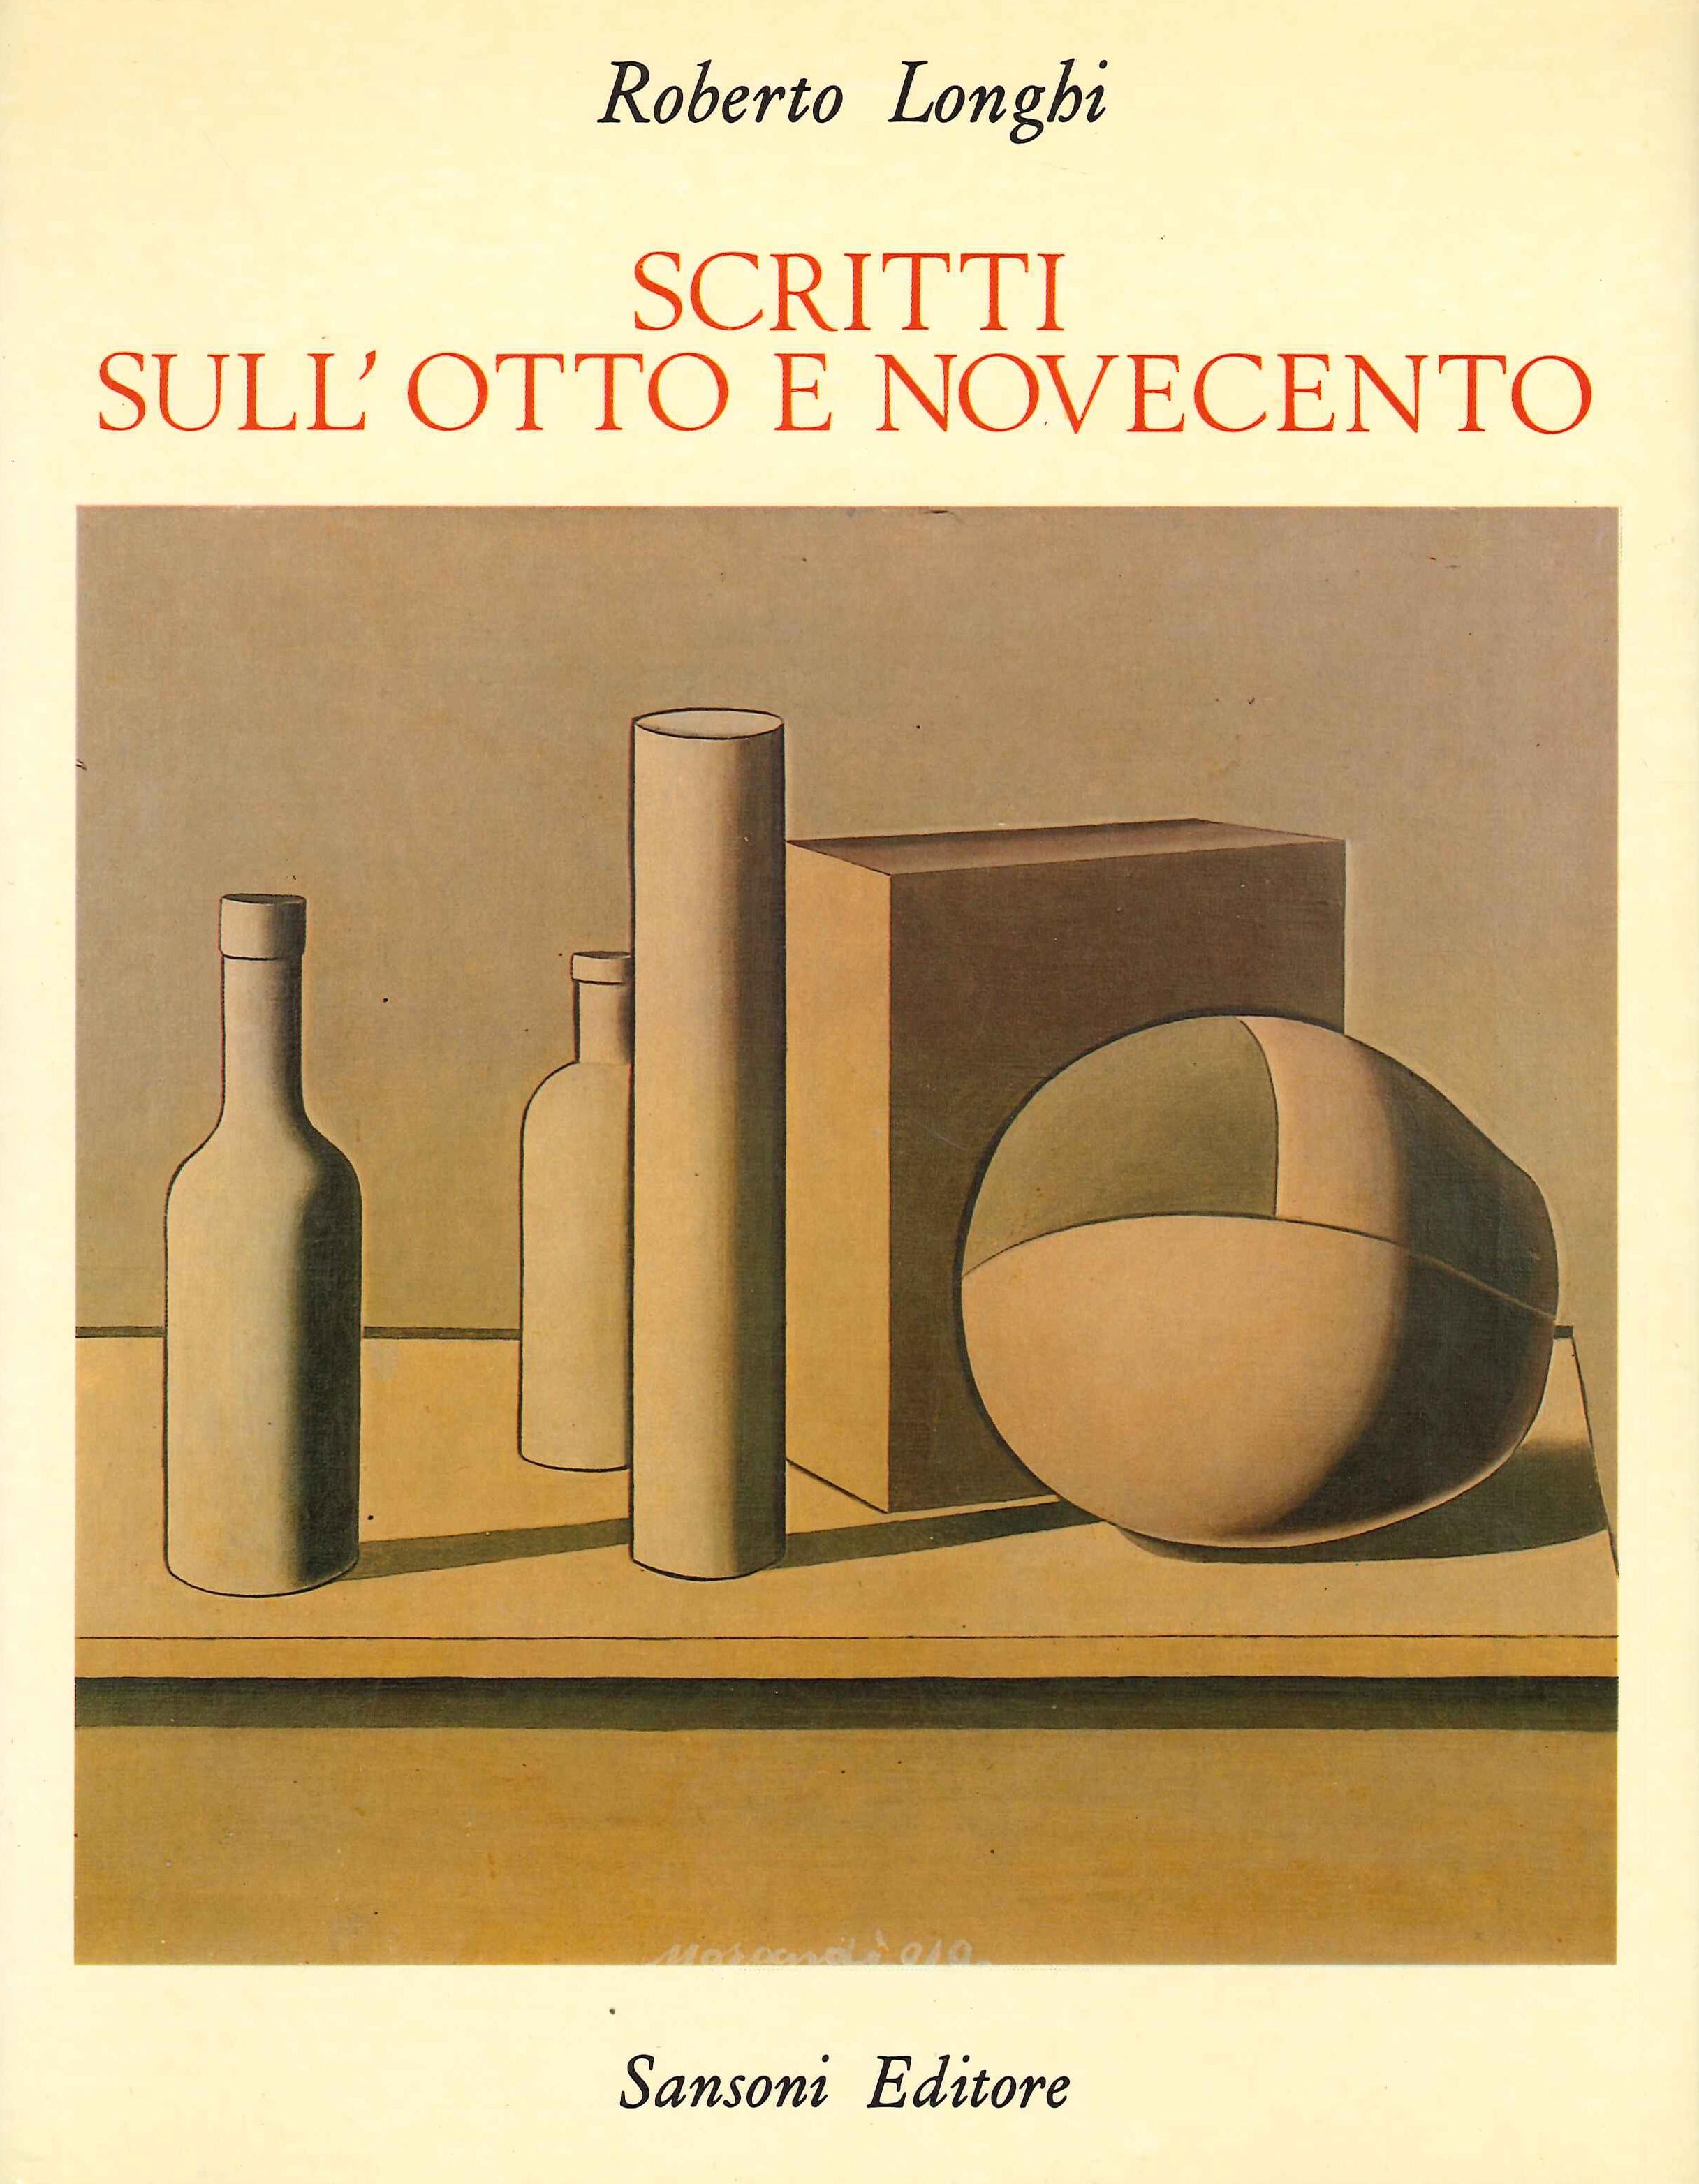 Scritti sull'Otto-Novecento (1925-1966)